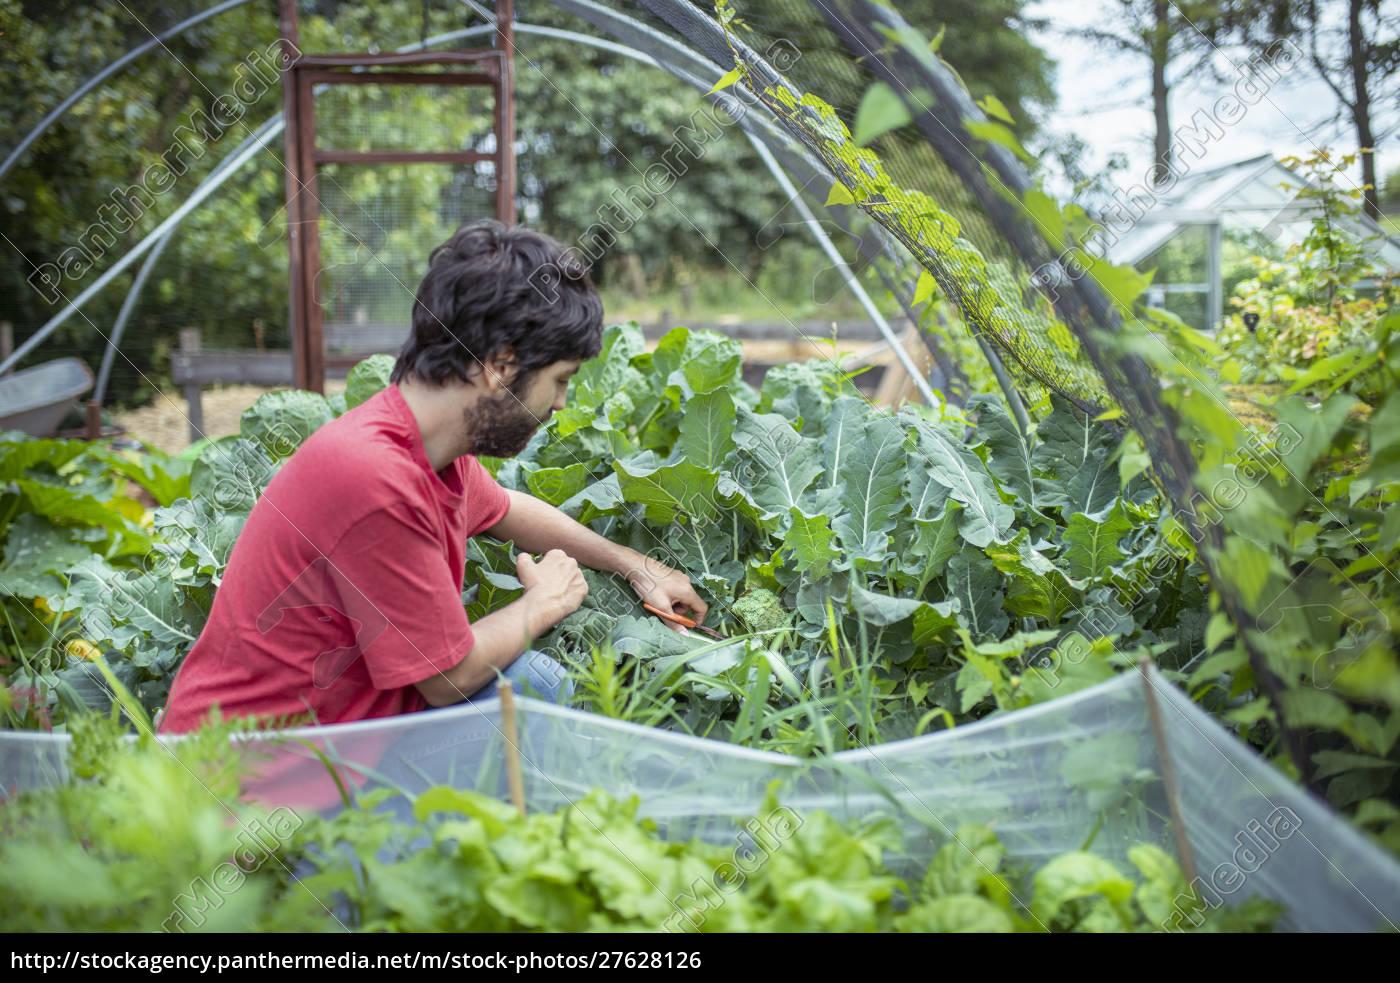 jardineiro, colhendo, brócolis, em, horta, orgânica - 27628126